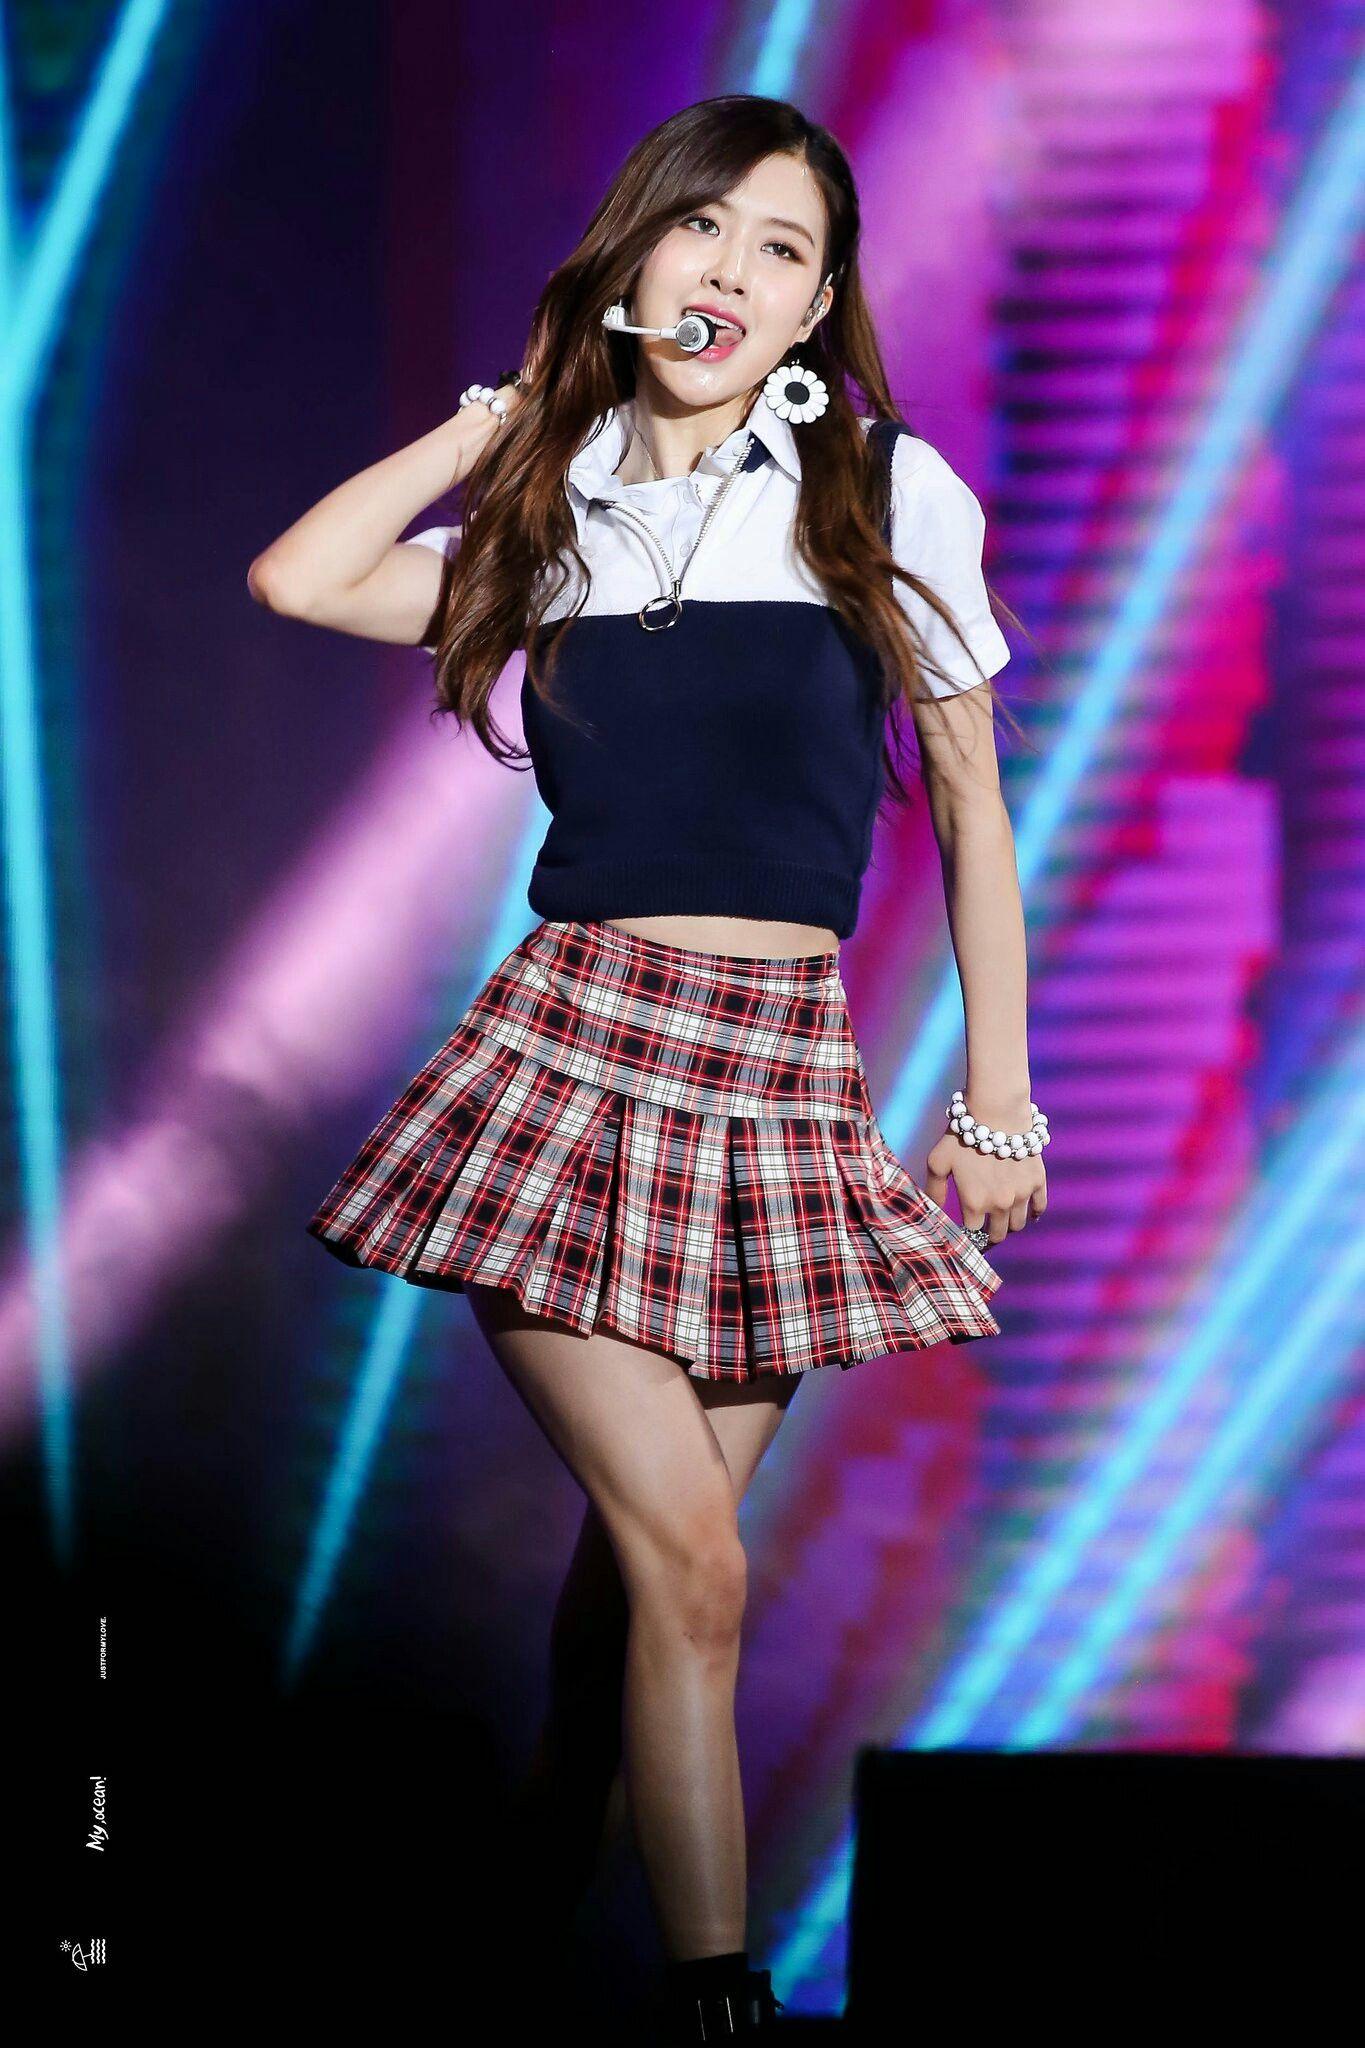 Blackpink Rose Kpop Girls Blackpink Rose Performance Outfit